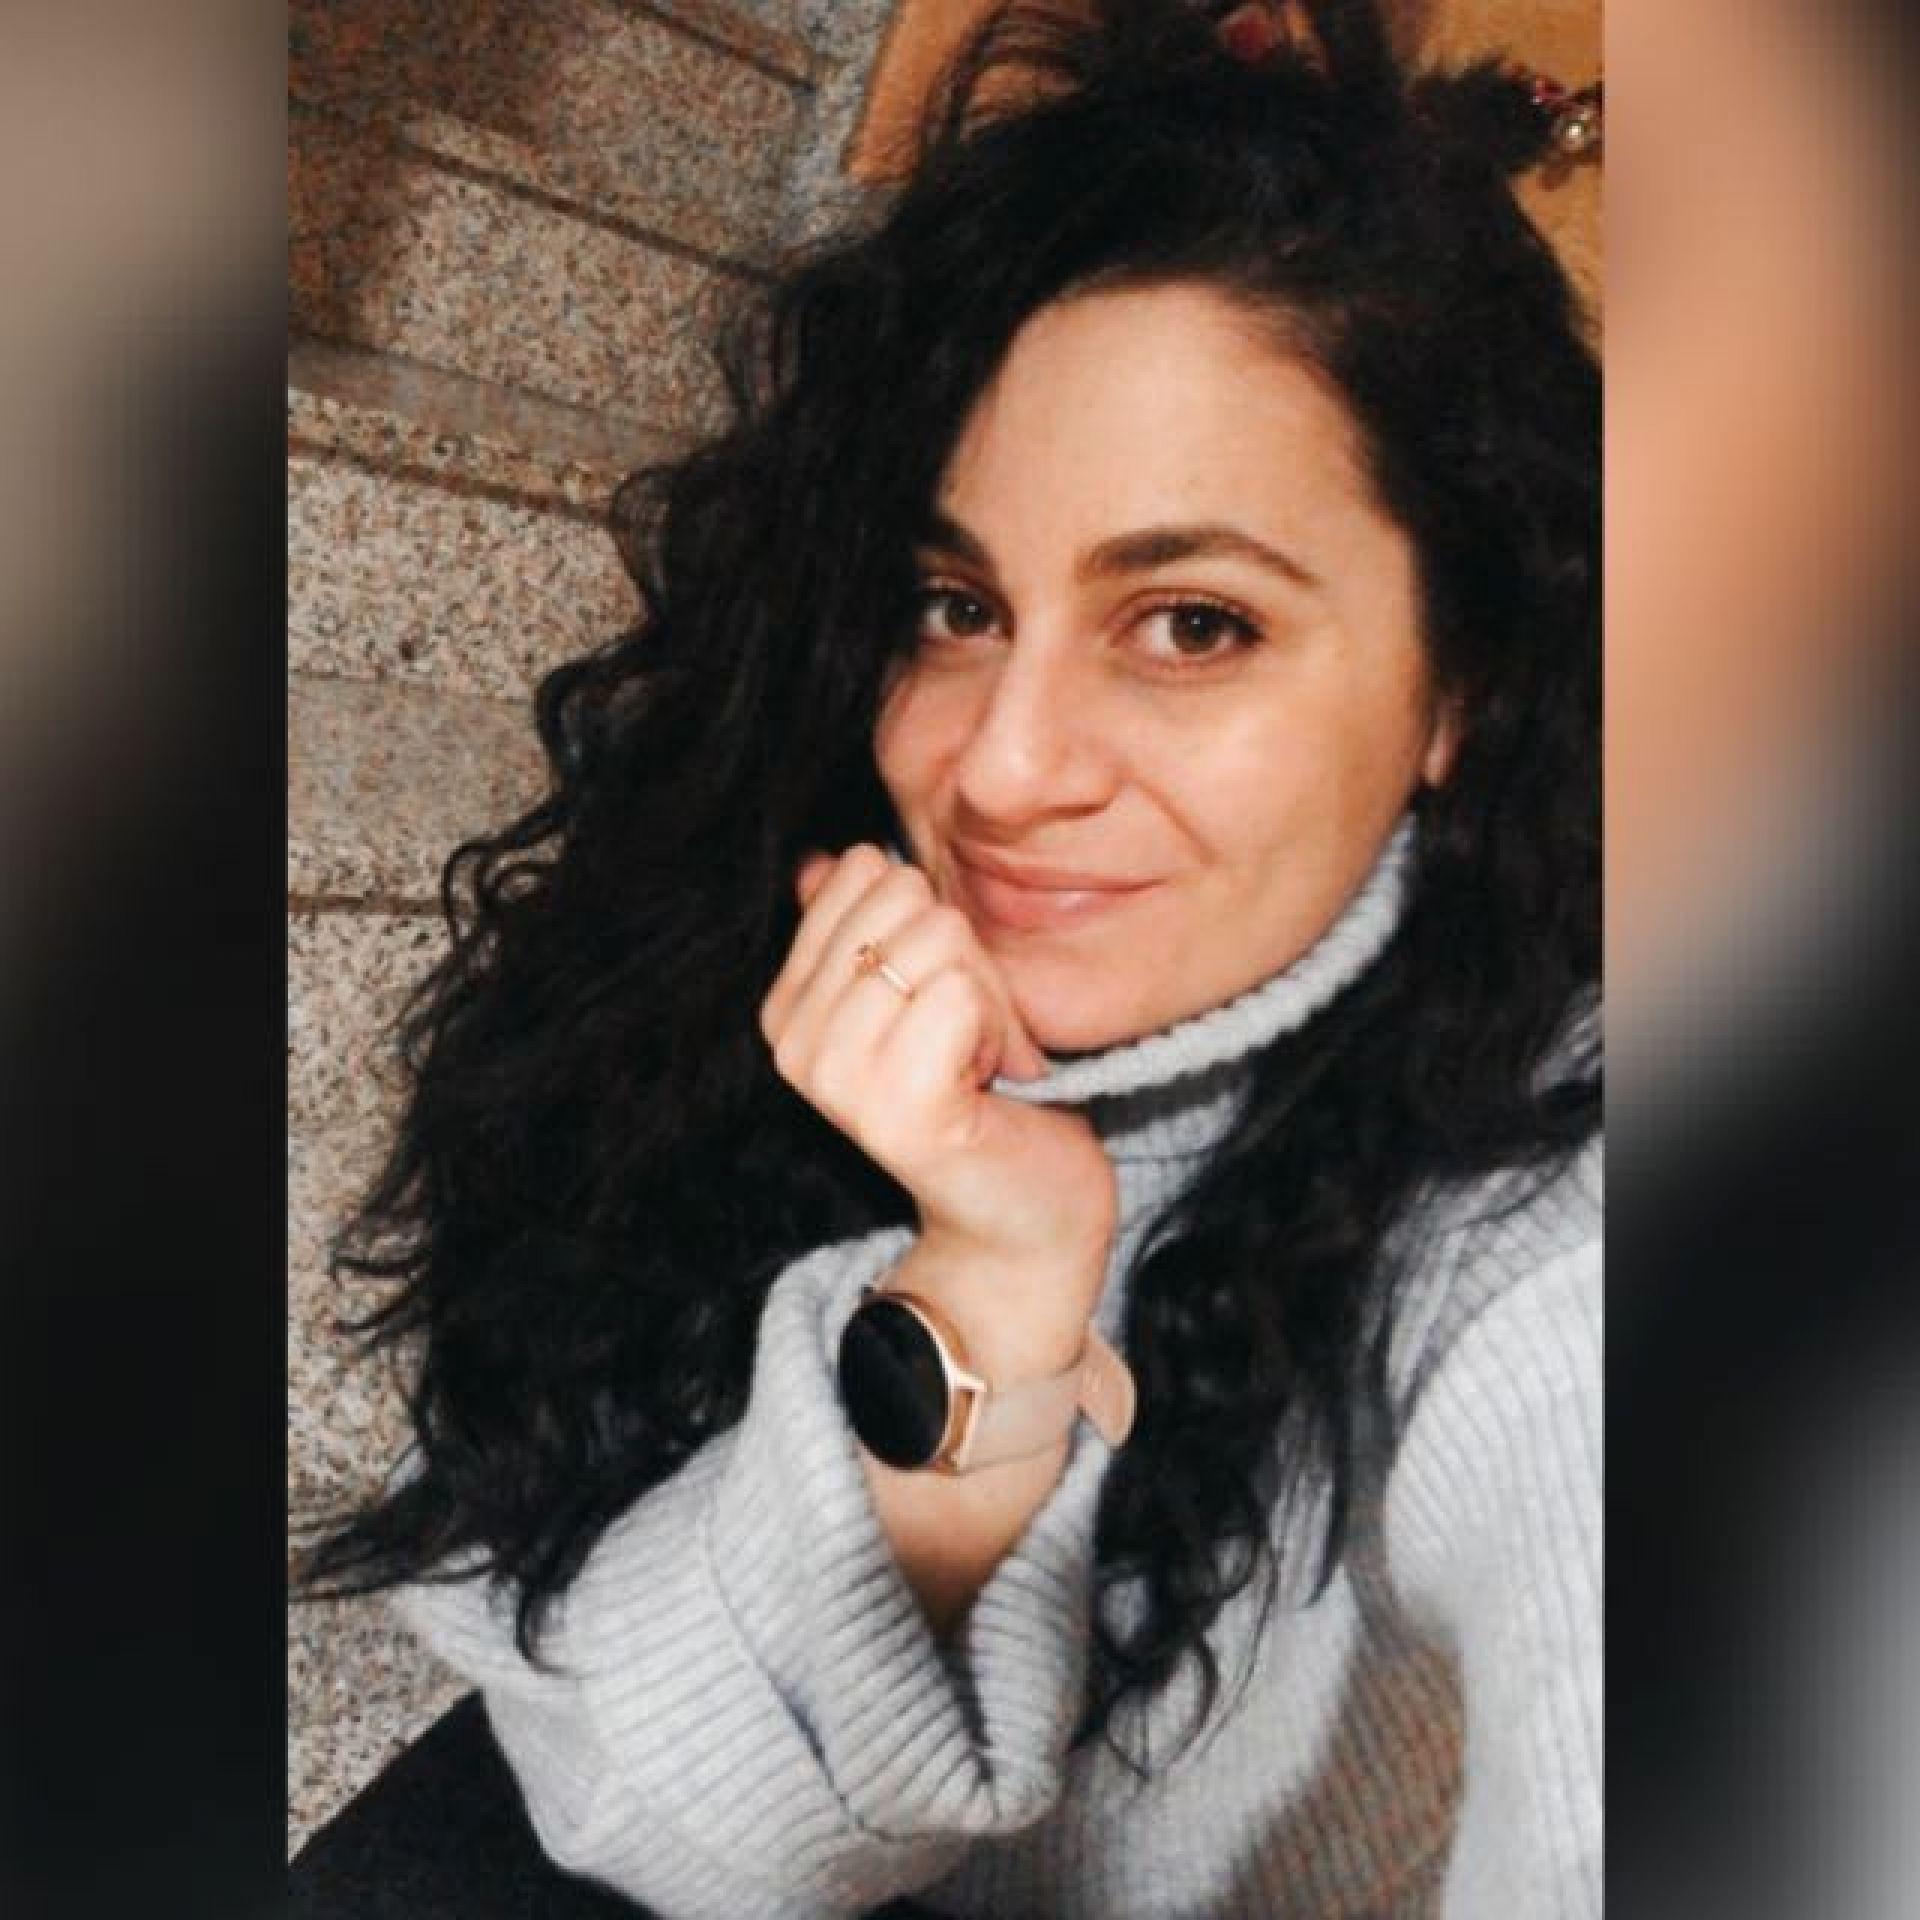 Martina Del Rosso